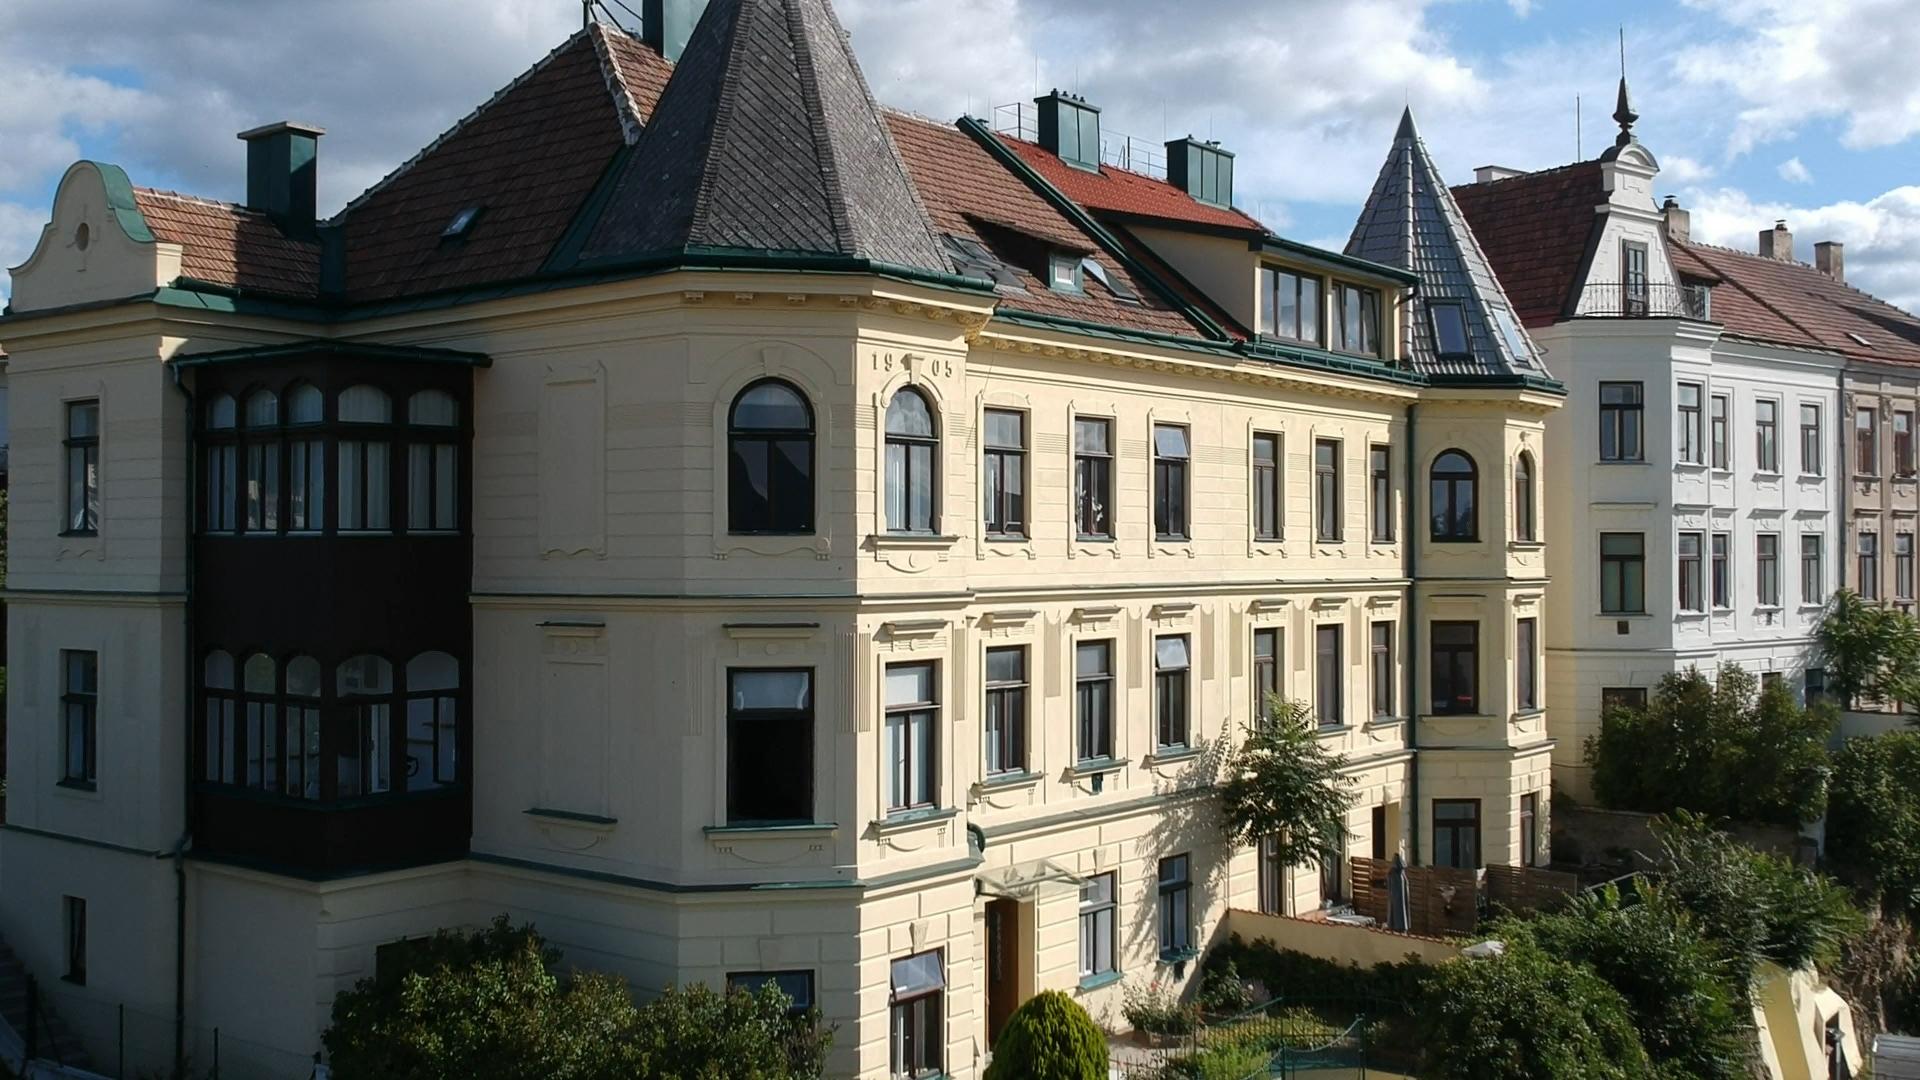 3500 Krems, Beethovenstraße 29